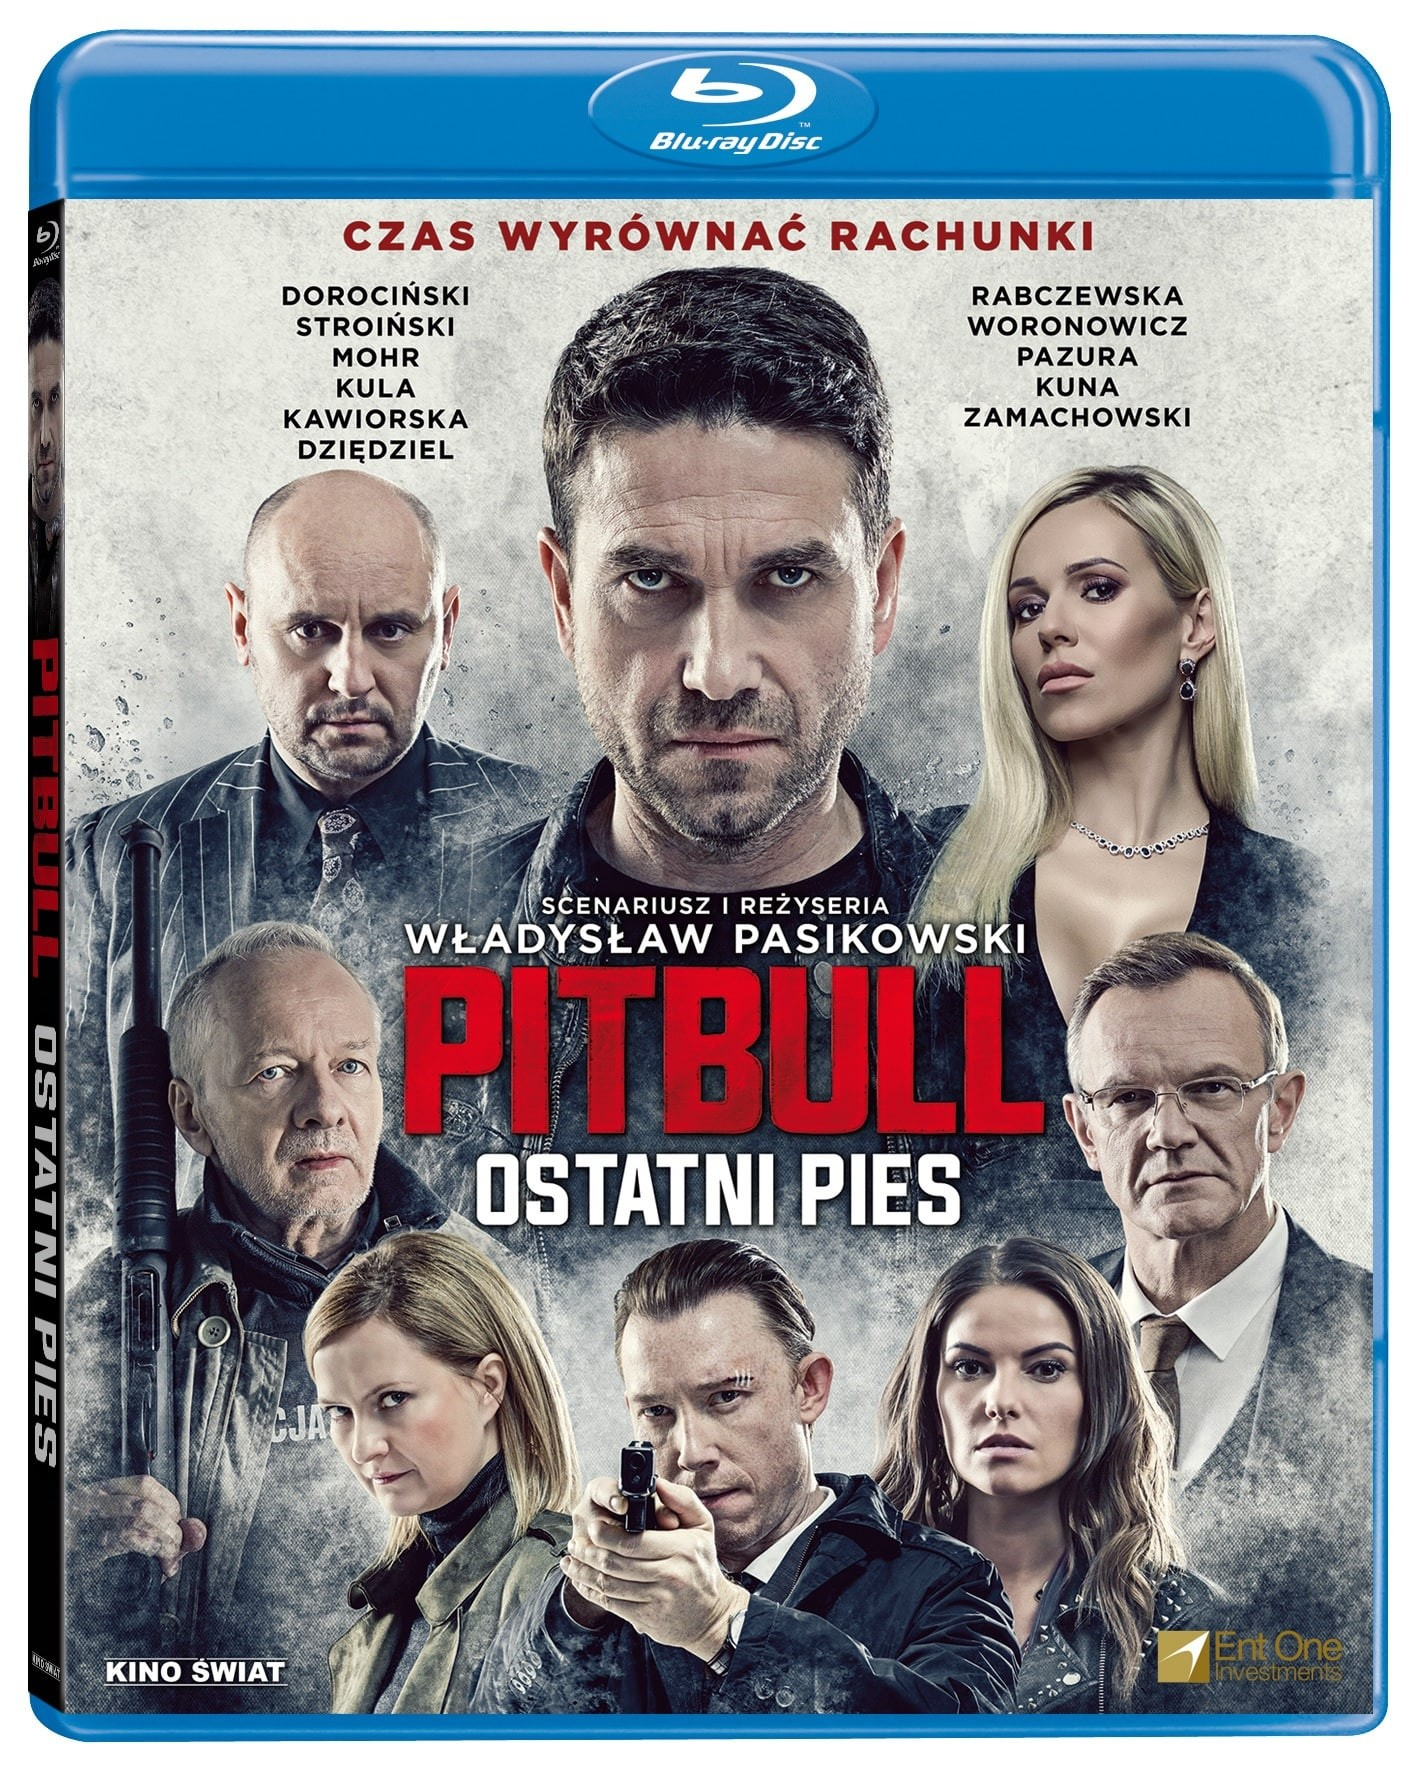 Pitbull-Ostatni-Pies_3D_BD-min.jpg